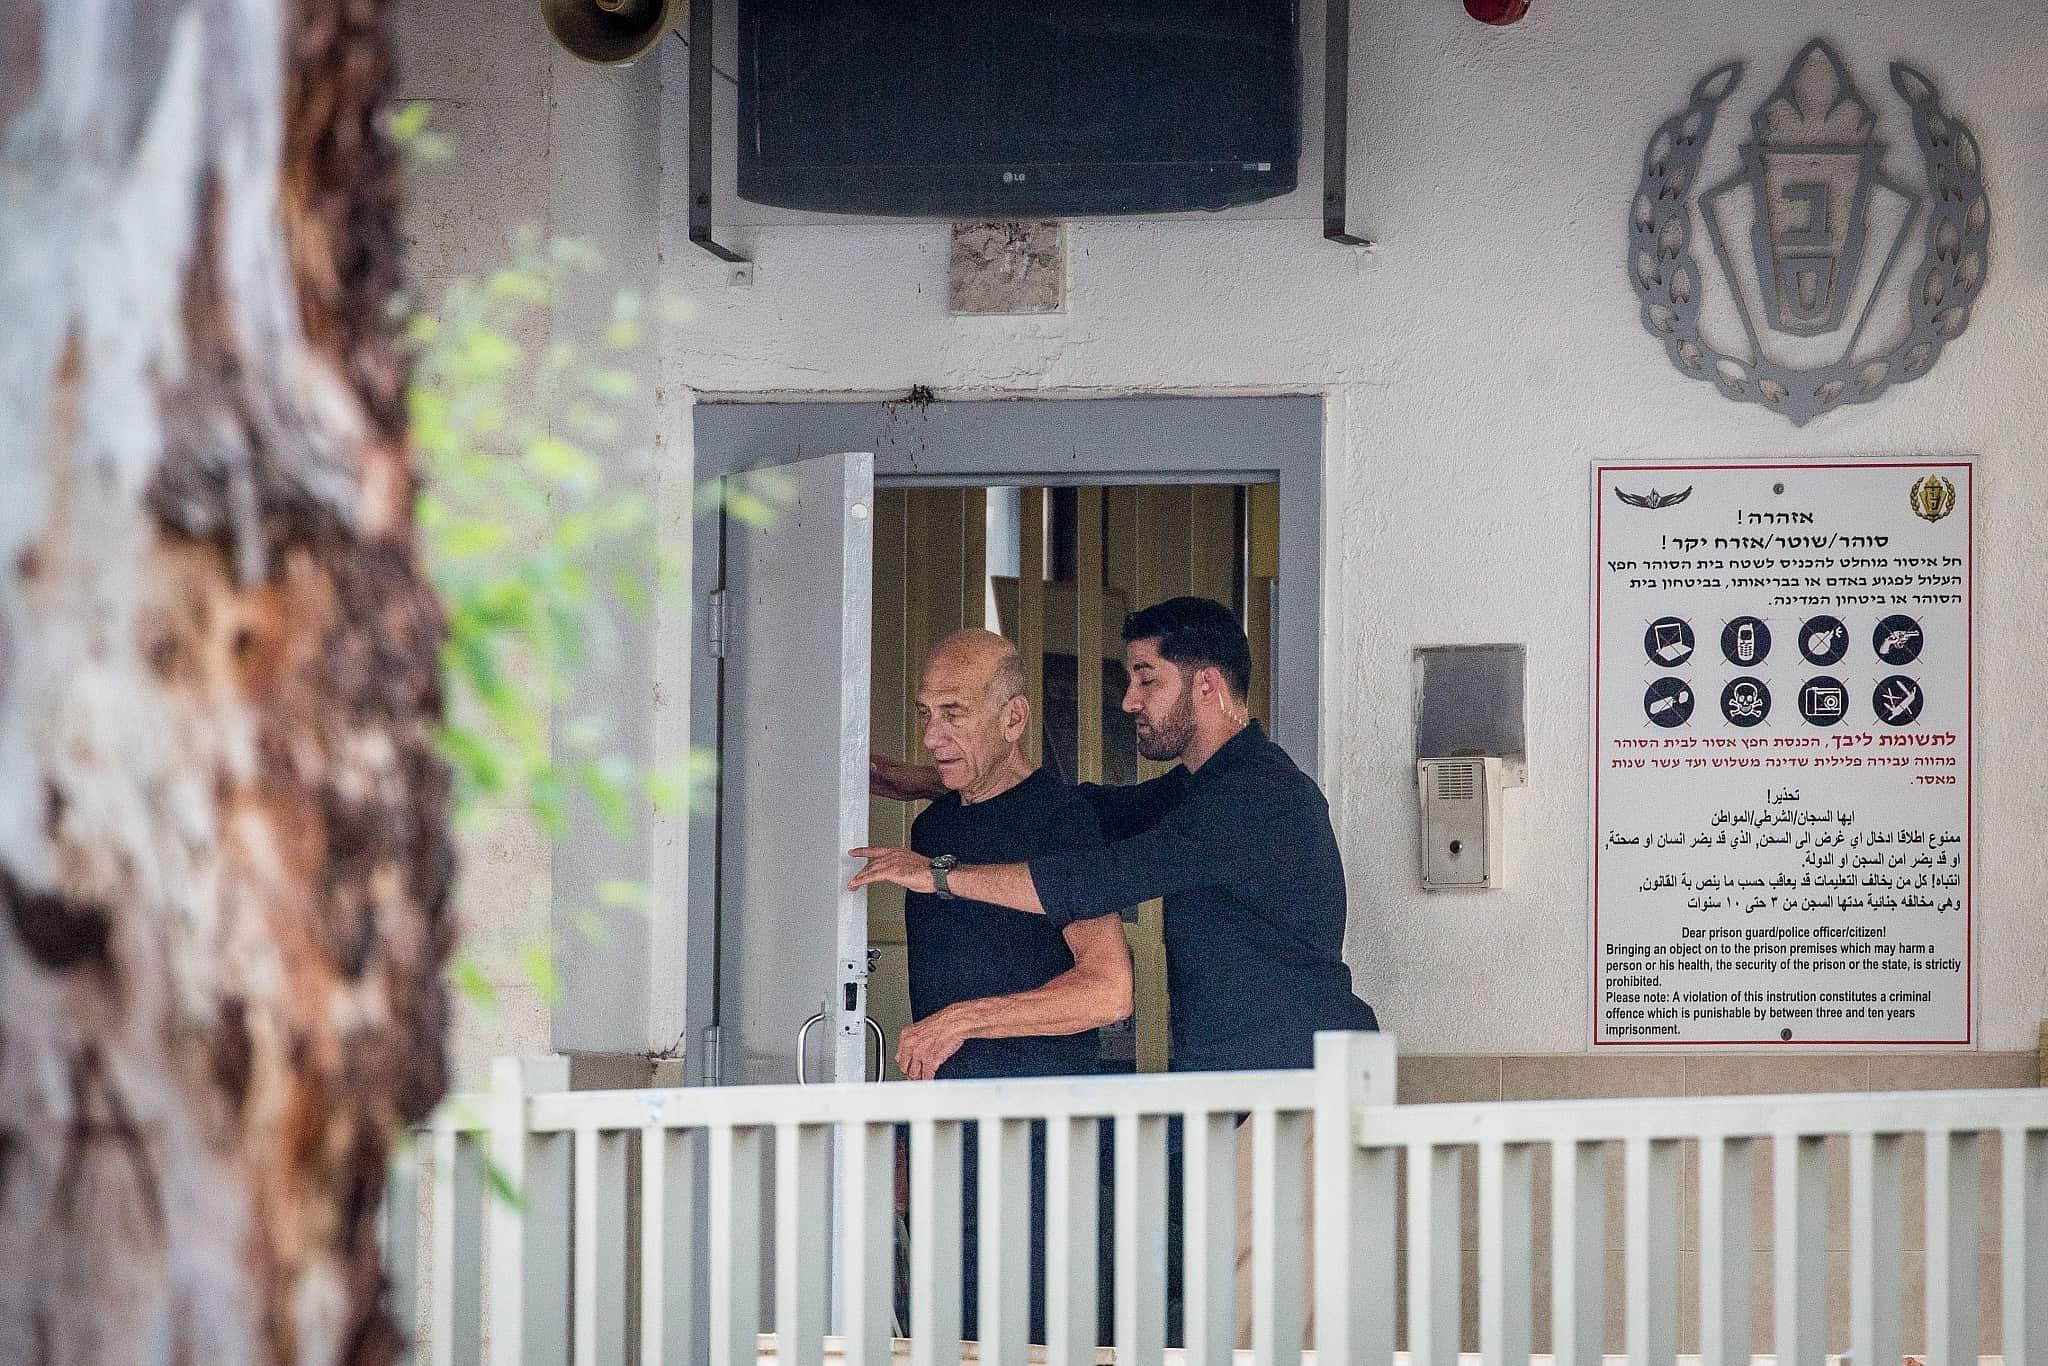 אהוד אולמרט עם שחרורו מכלא מעשיהו (צילום: הדס פרוש, פלאש 90)